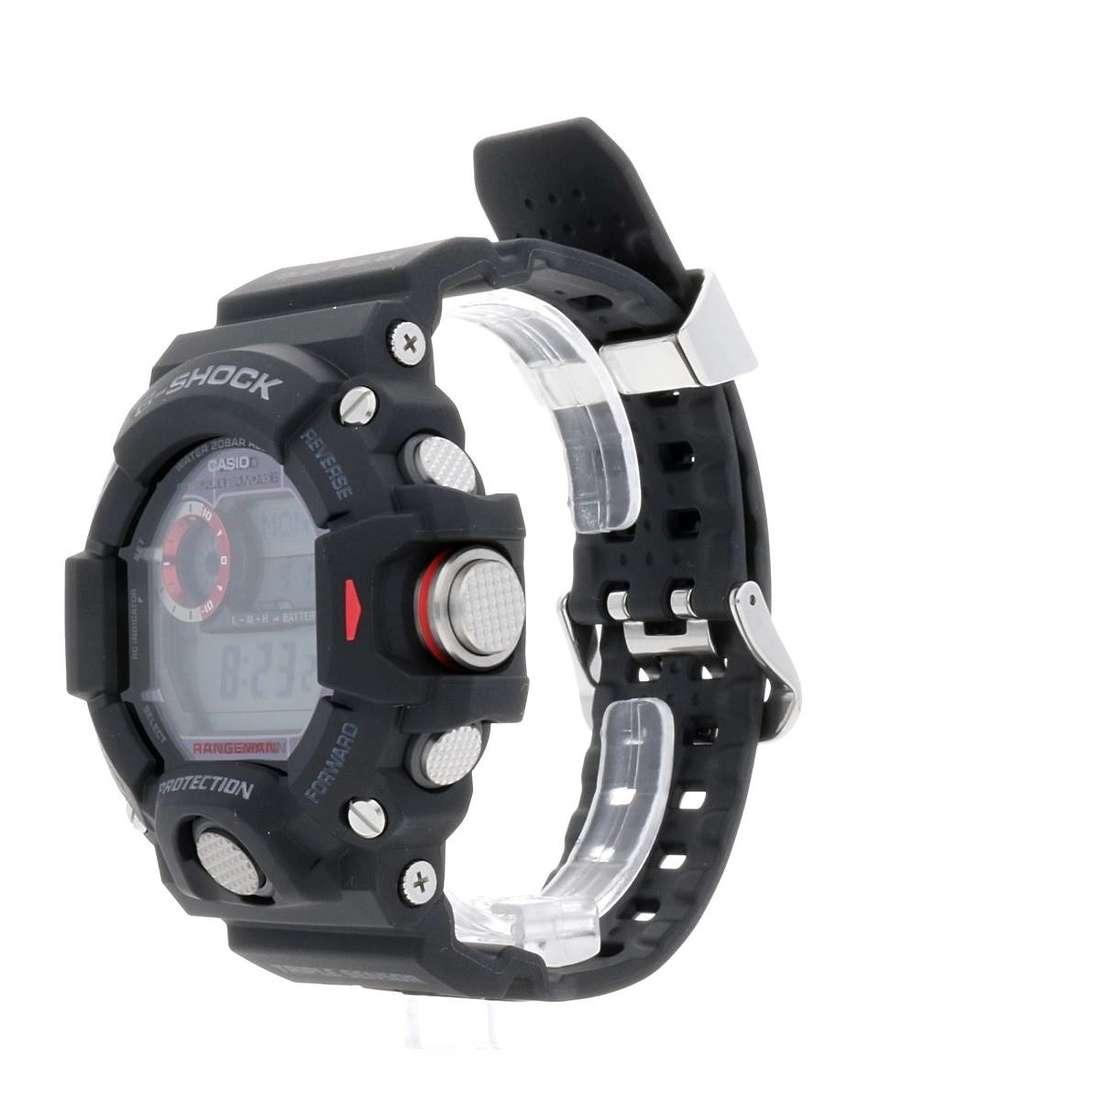 sale watches man Casio GW-9400-1ER